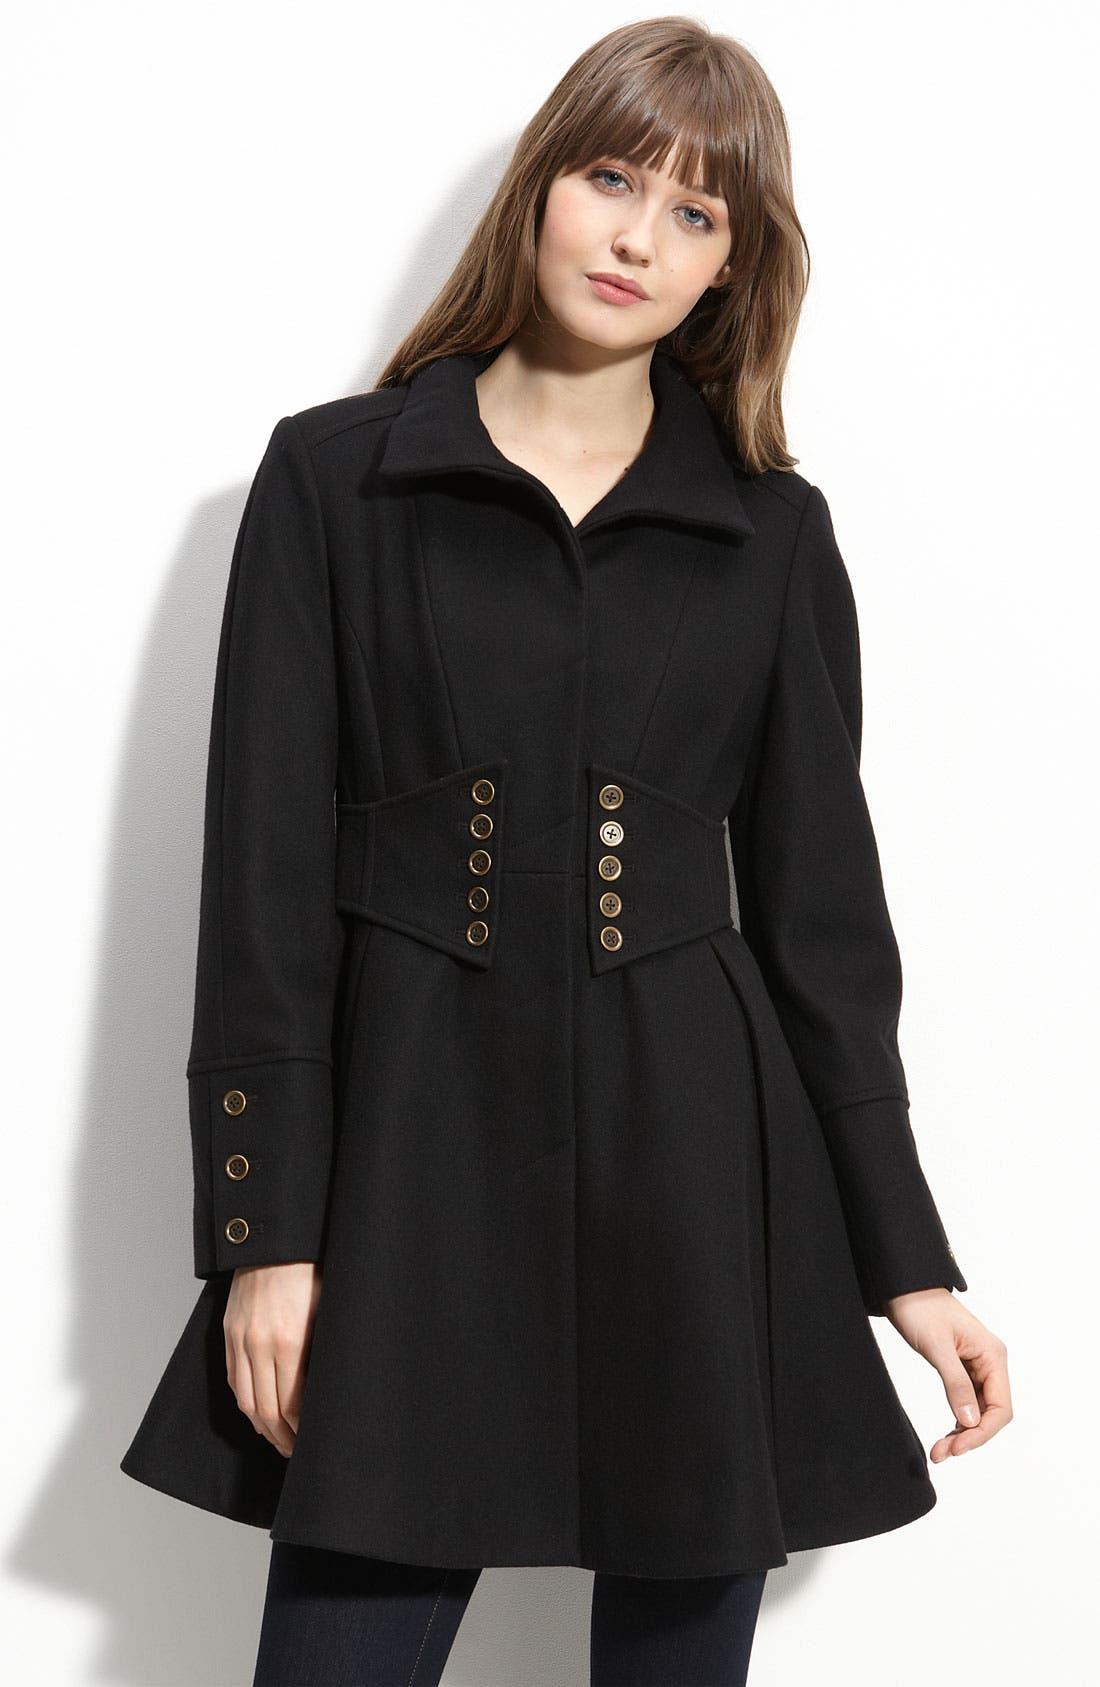 Main Image - Betsey Johnson Military Style Coat